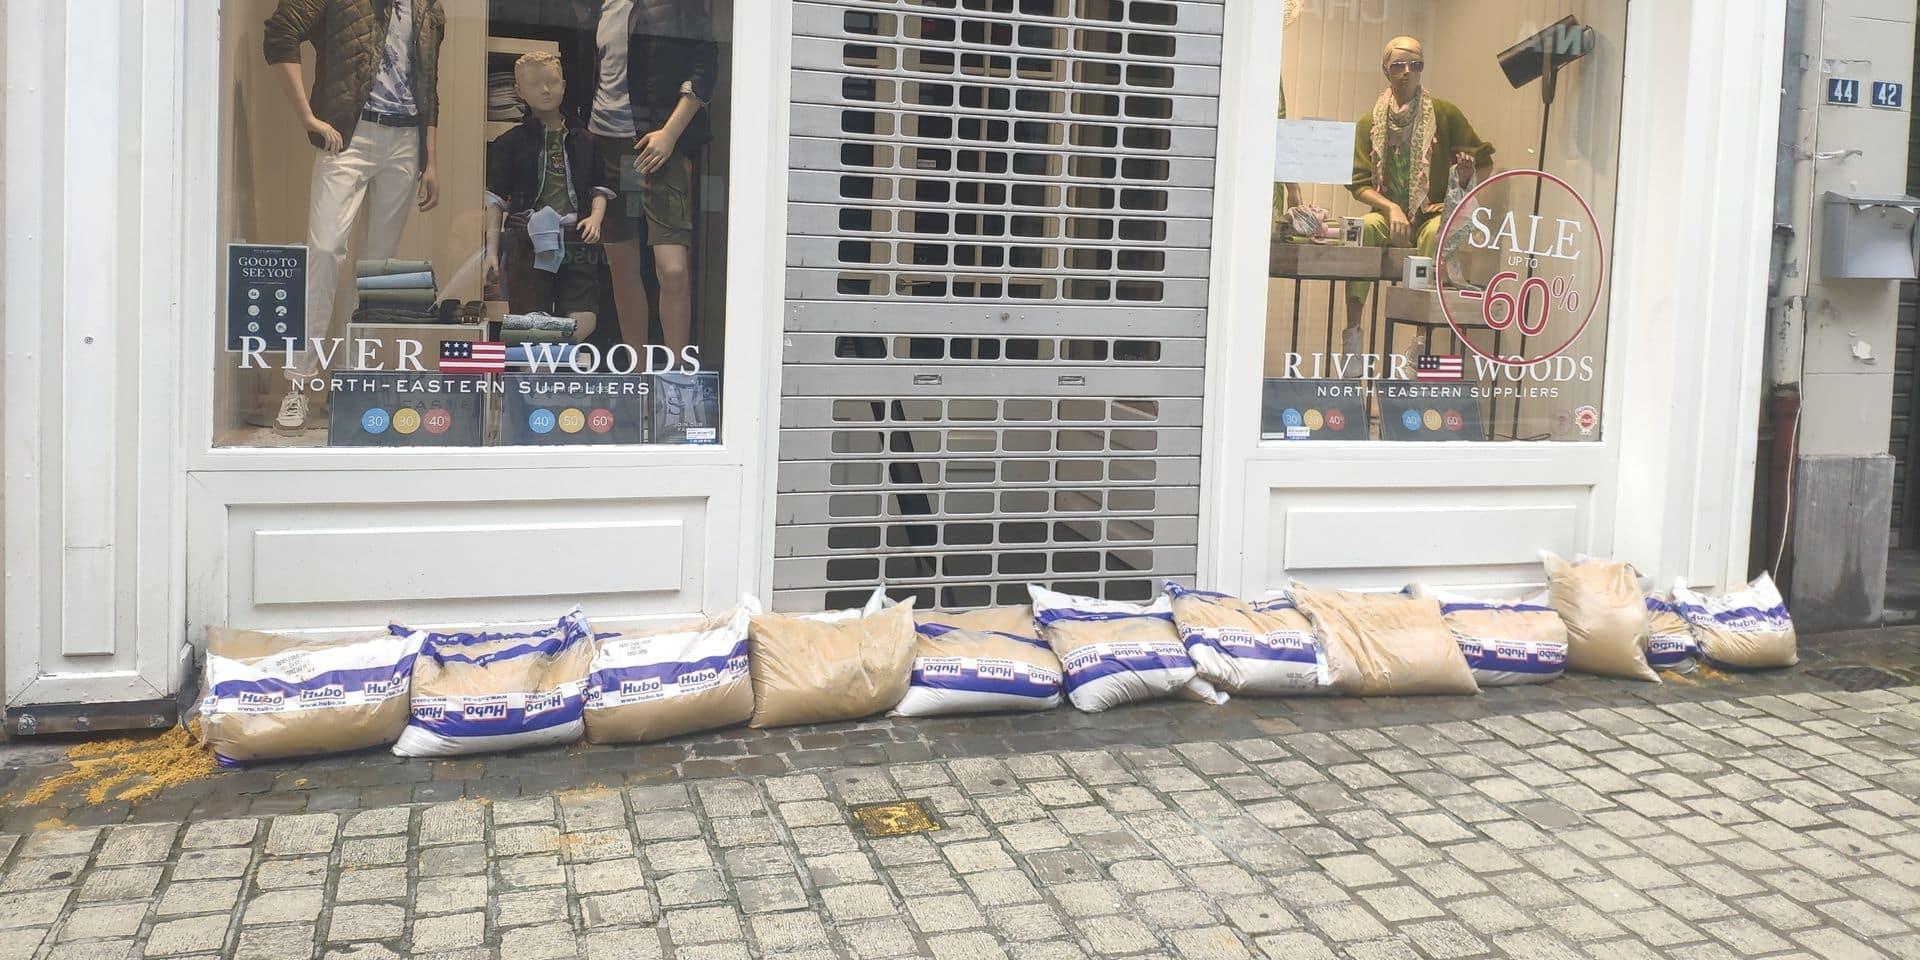 Les commerçants de Liège invités à fermer les magasins!